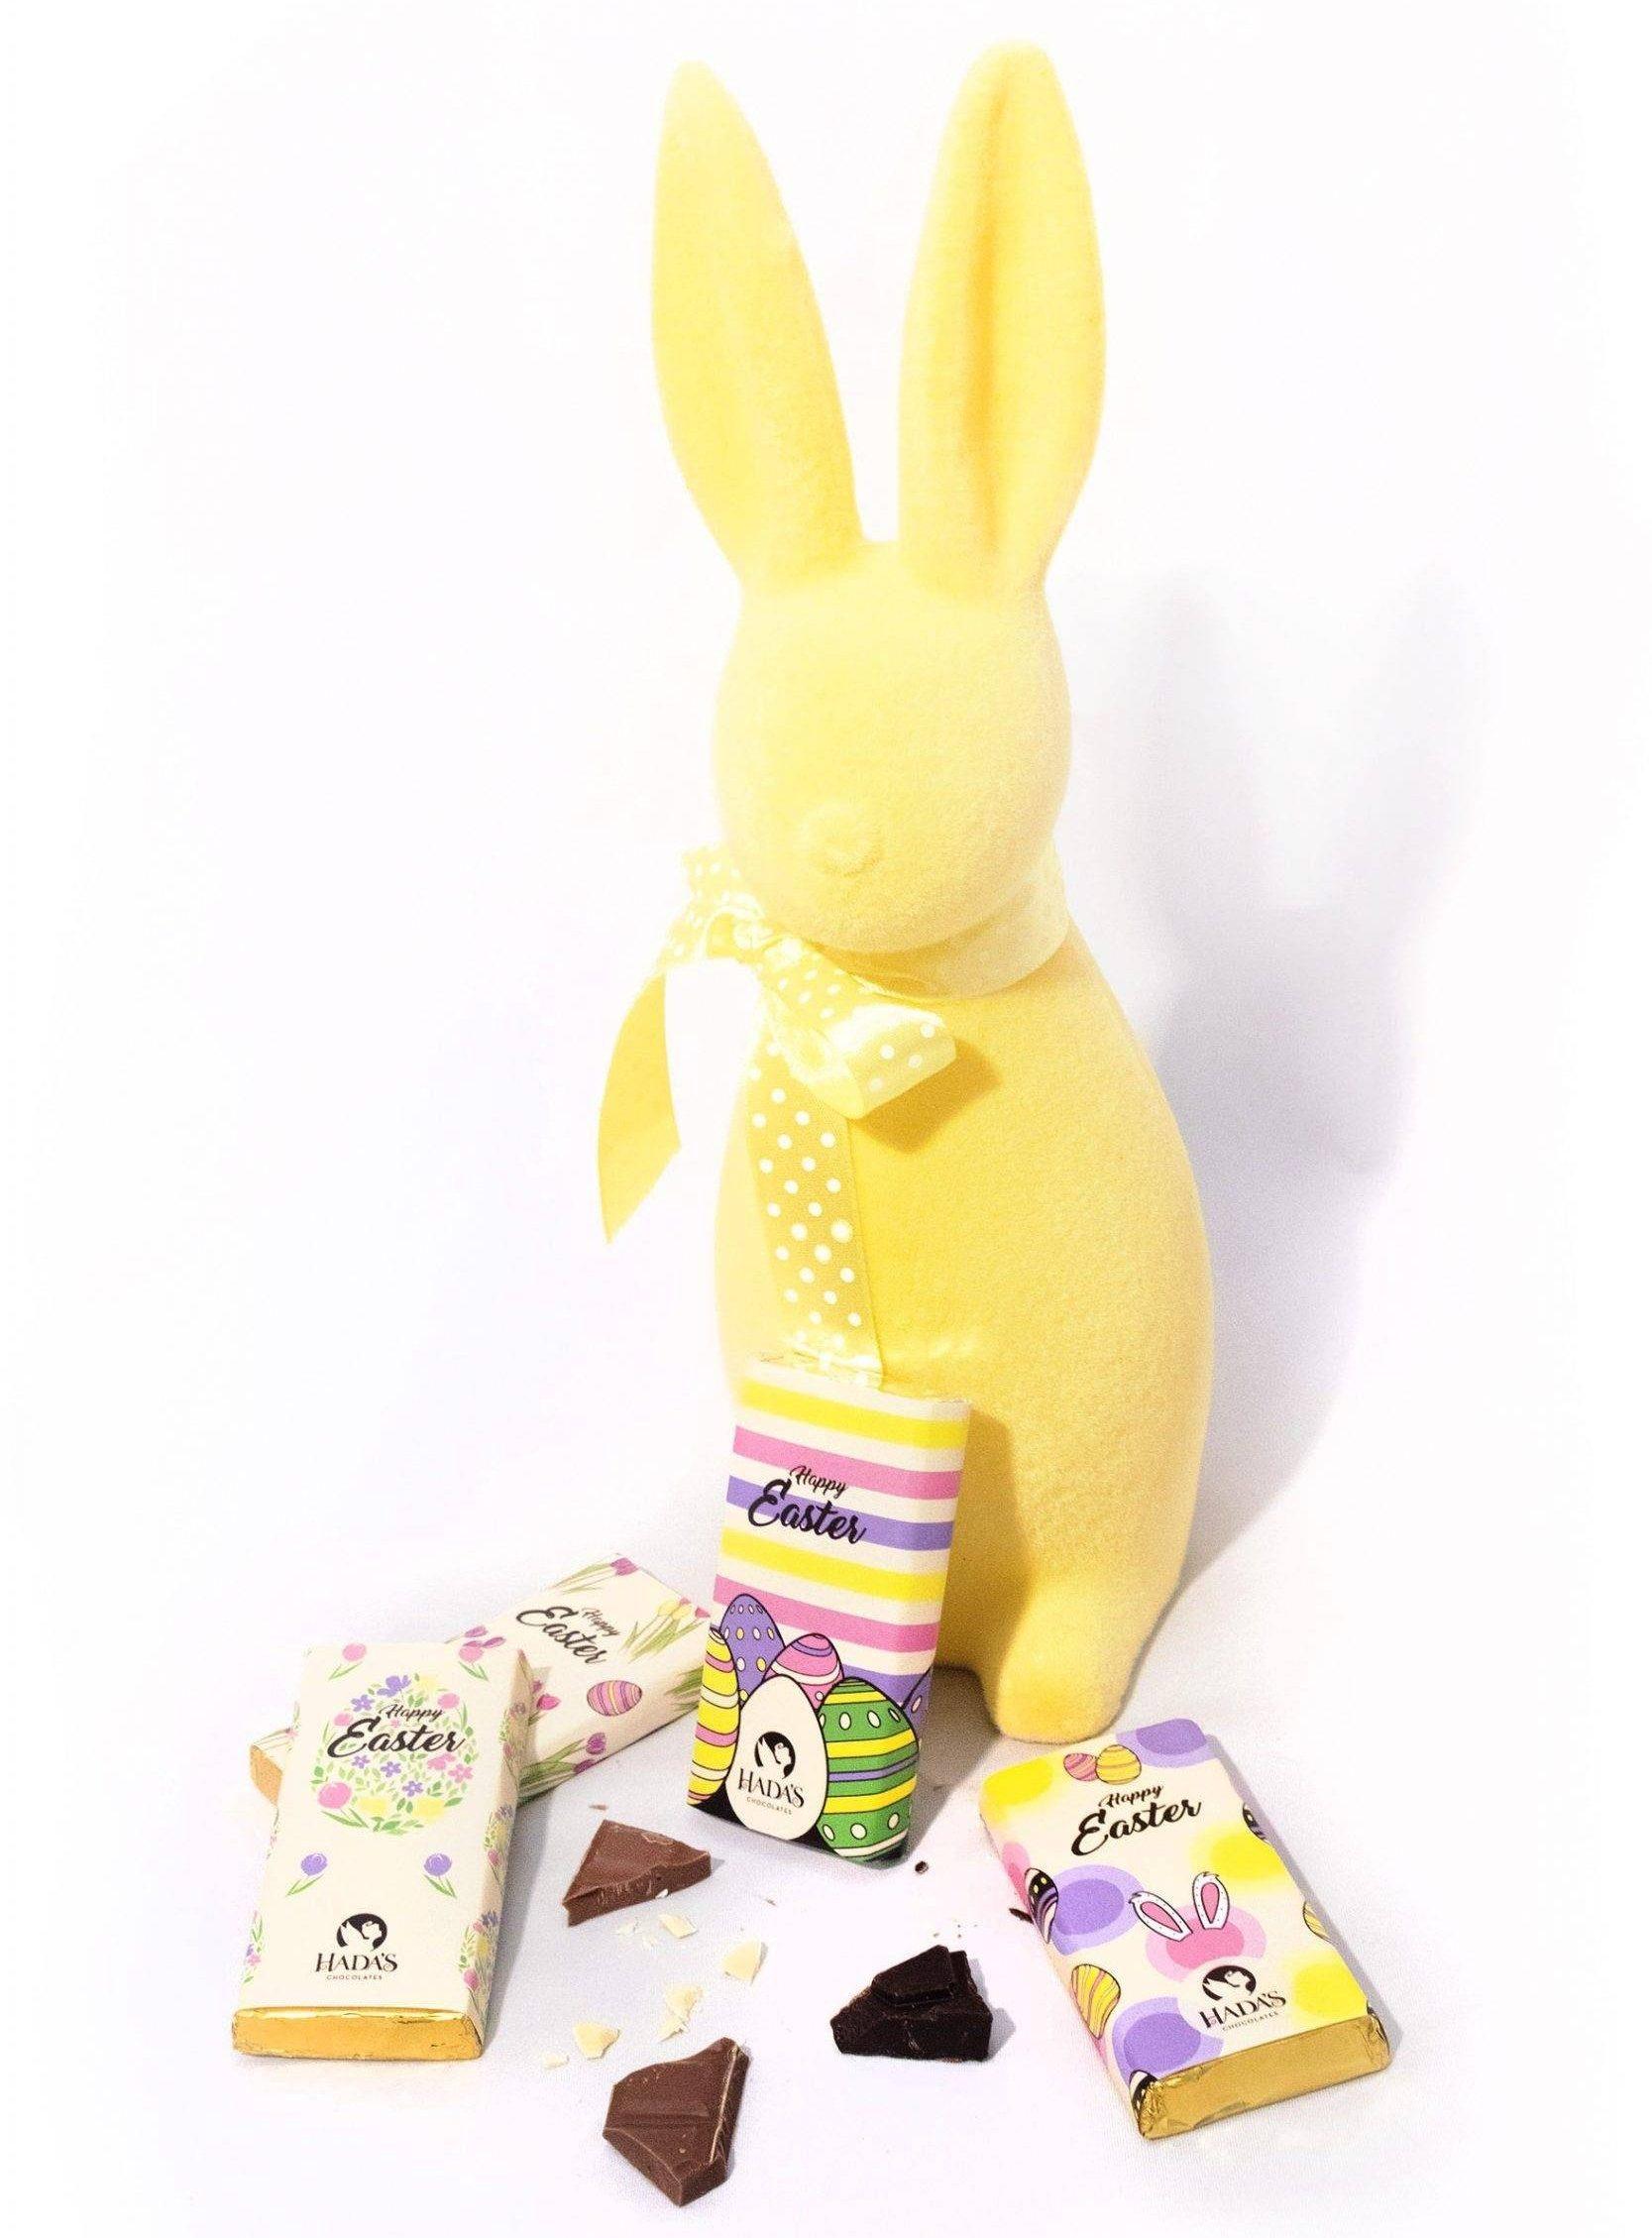 kit de chocolates sanacion de emociones niños